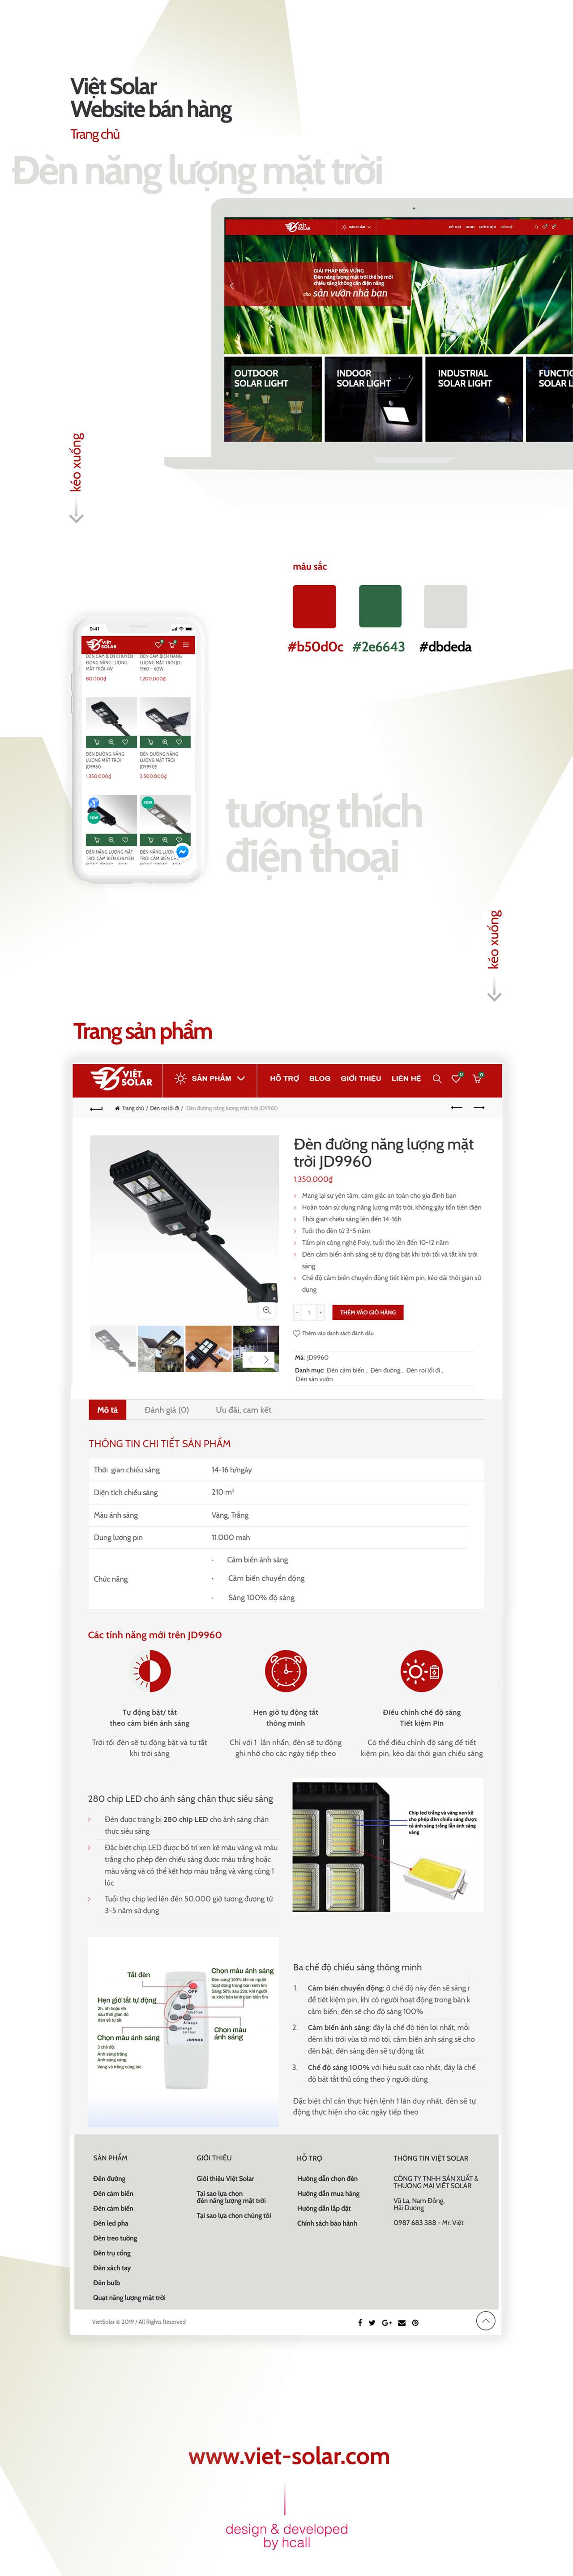 thiet-ke-website-ban-hang-vietsolar-den-nang-luong-mat-troi